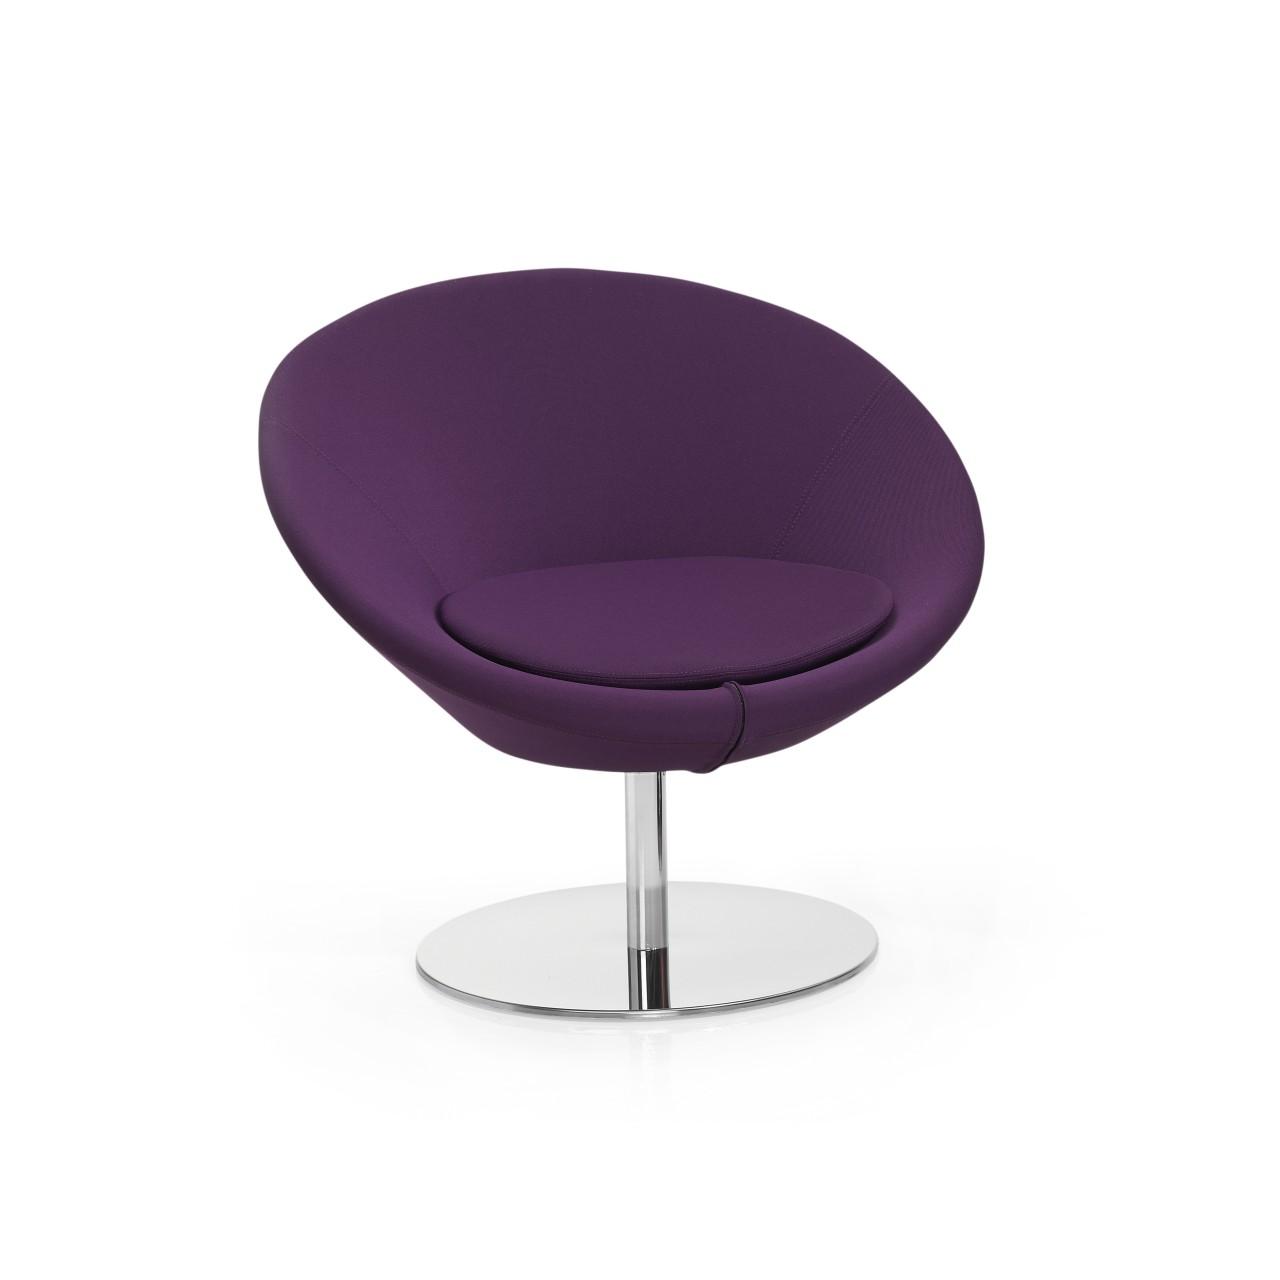 fauteuil d 39 accueil lune. Black Bedroom Furniture Sets. Home Design Ideas